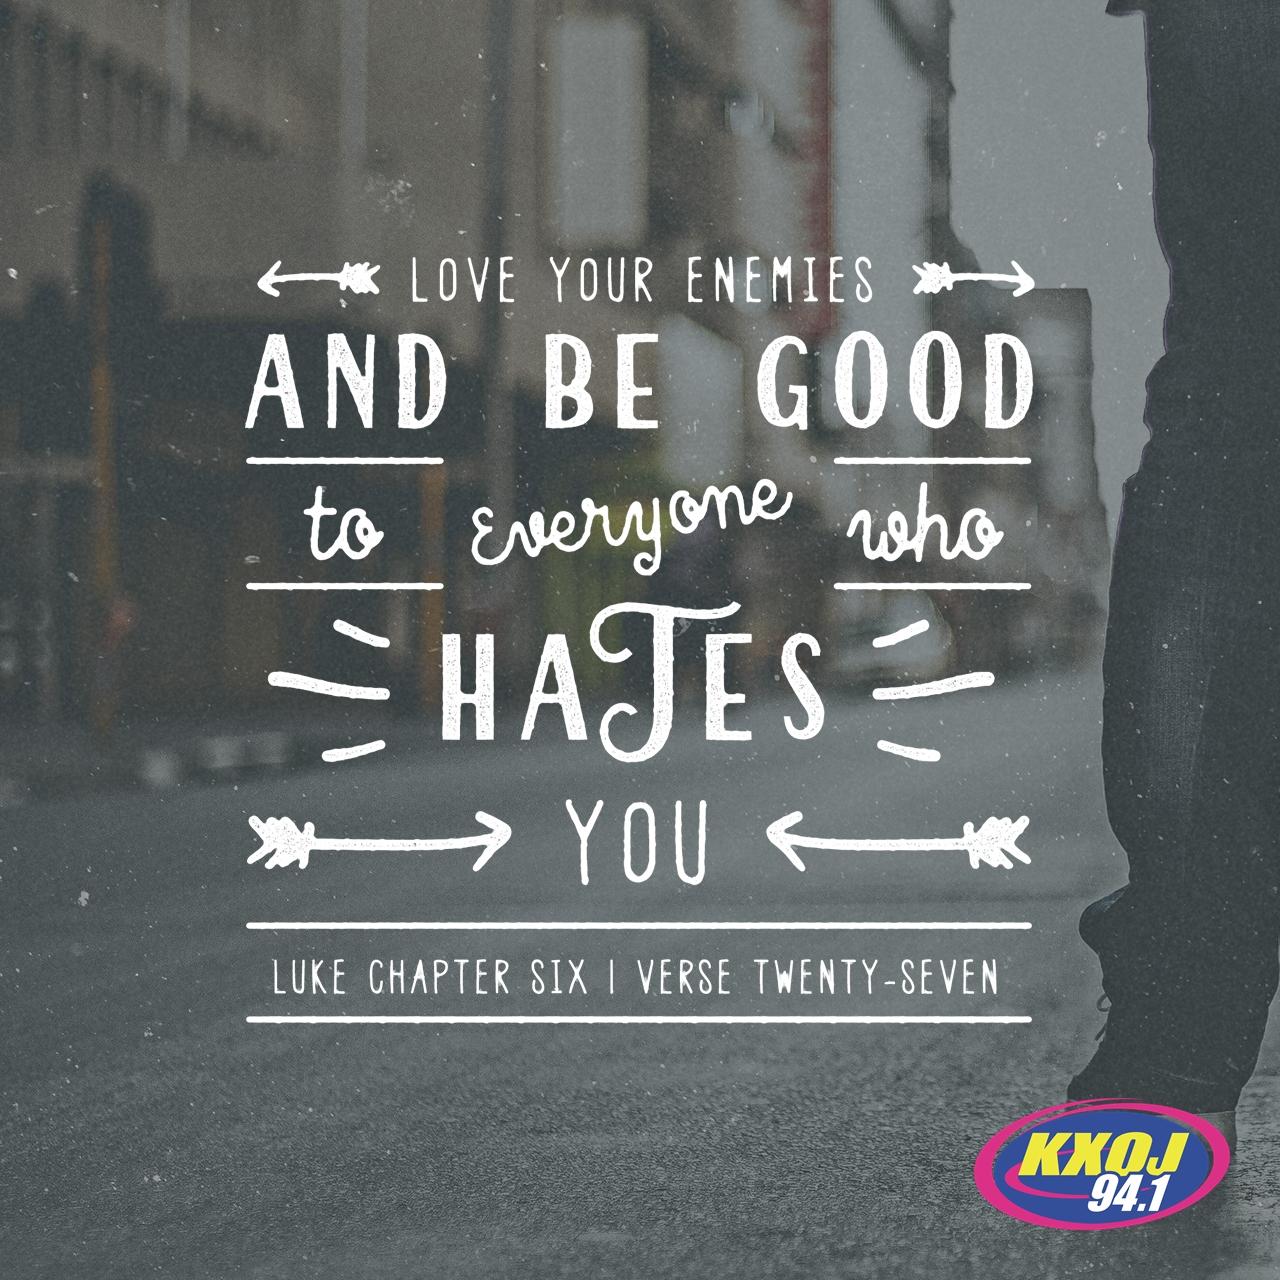 March 29th - Luke 6:27